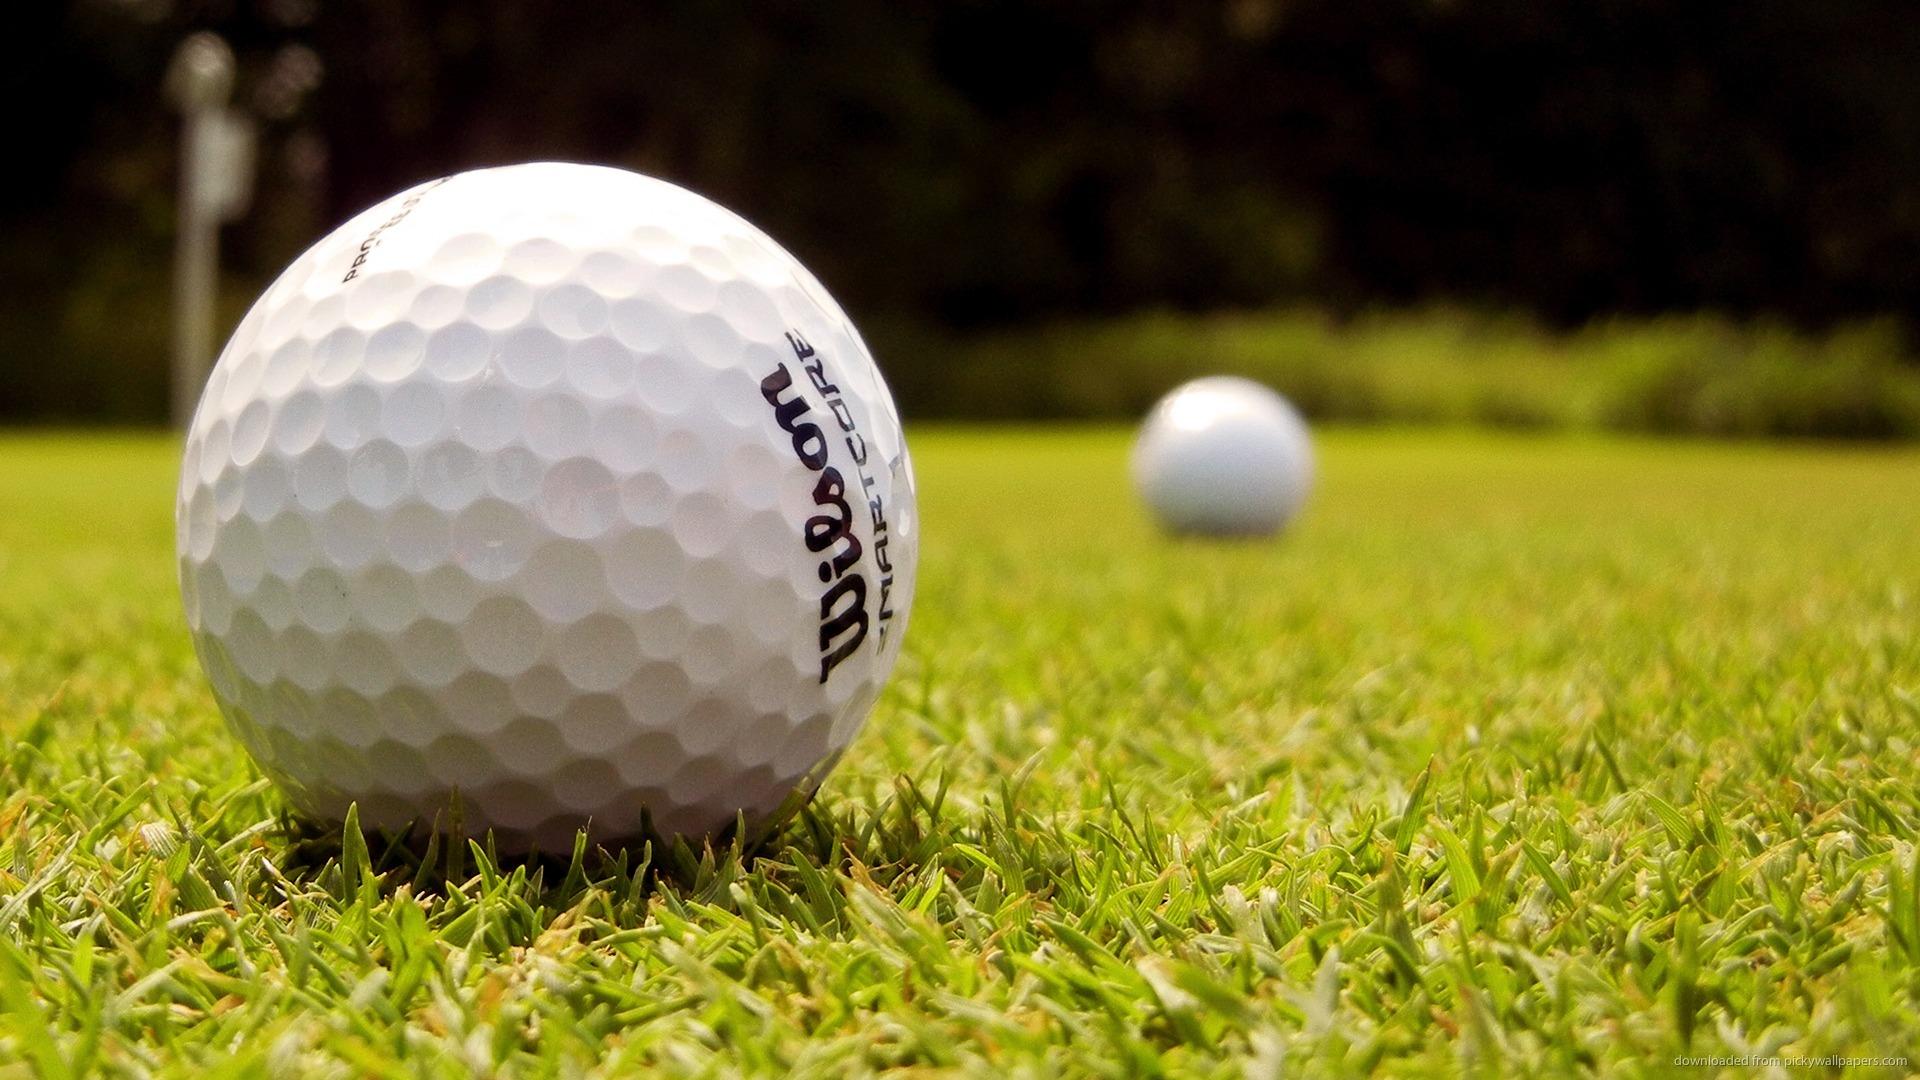 спорт sports гольф Golf  № 3310283 бесплатно